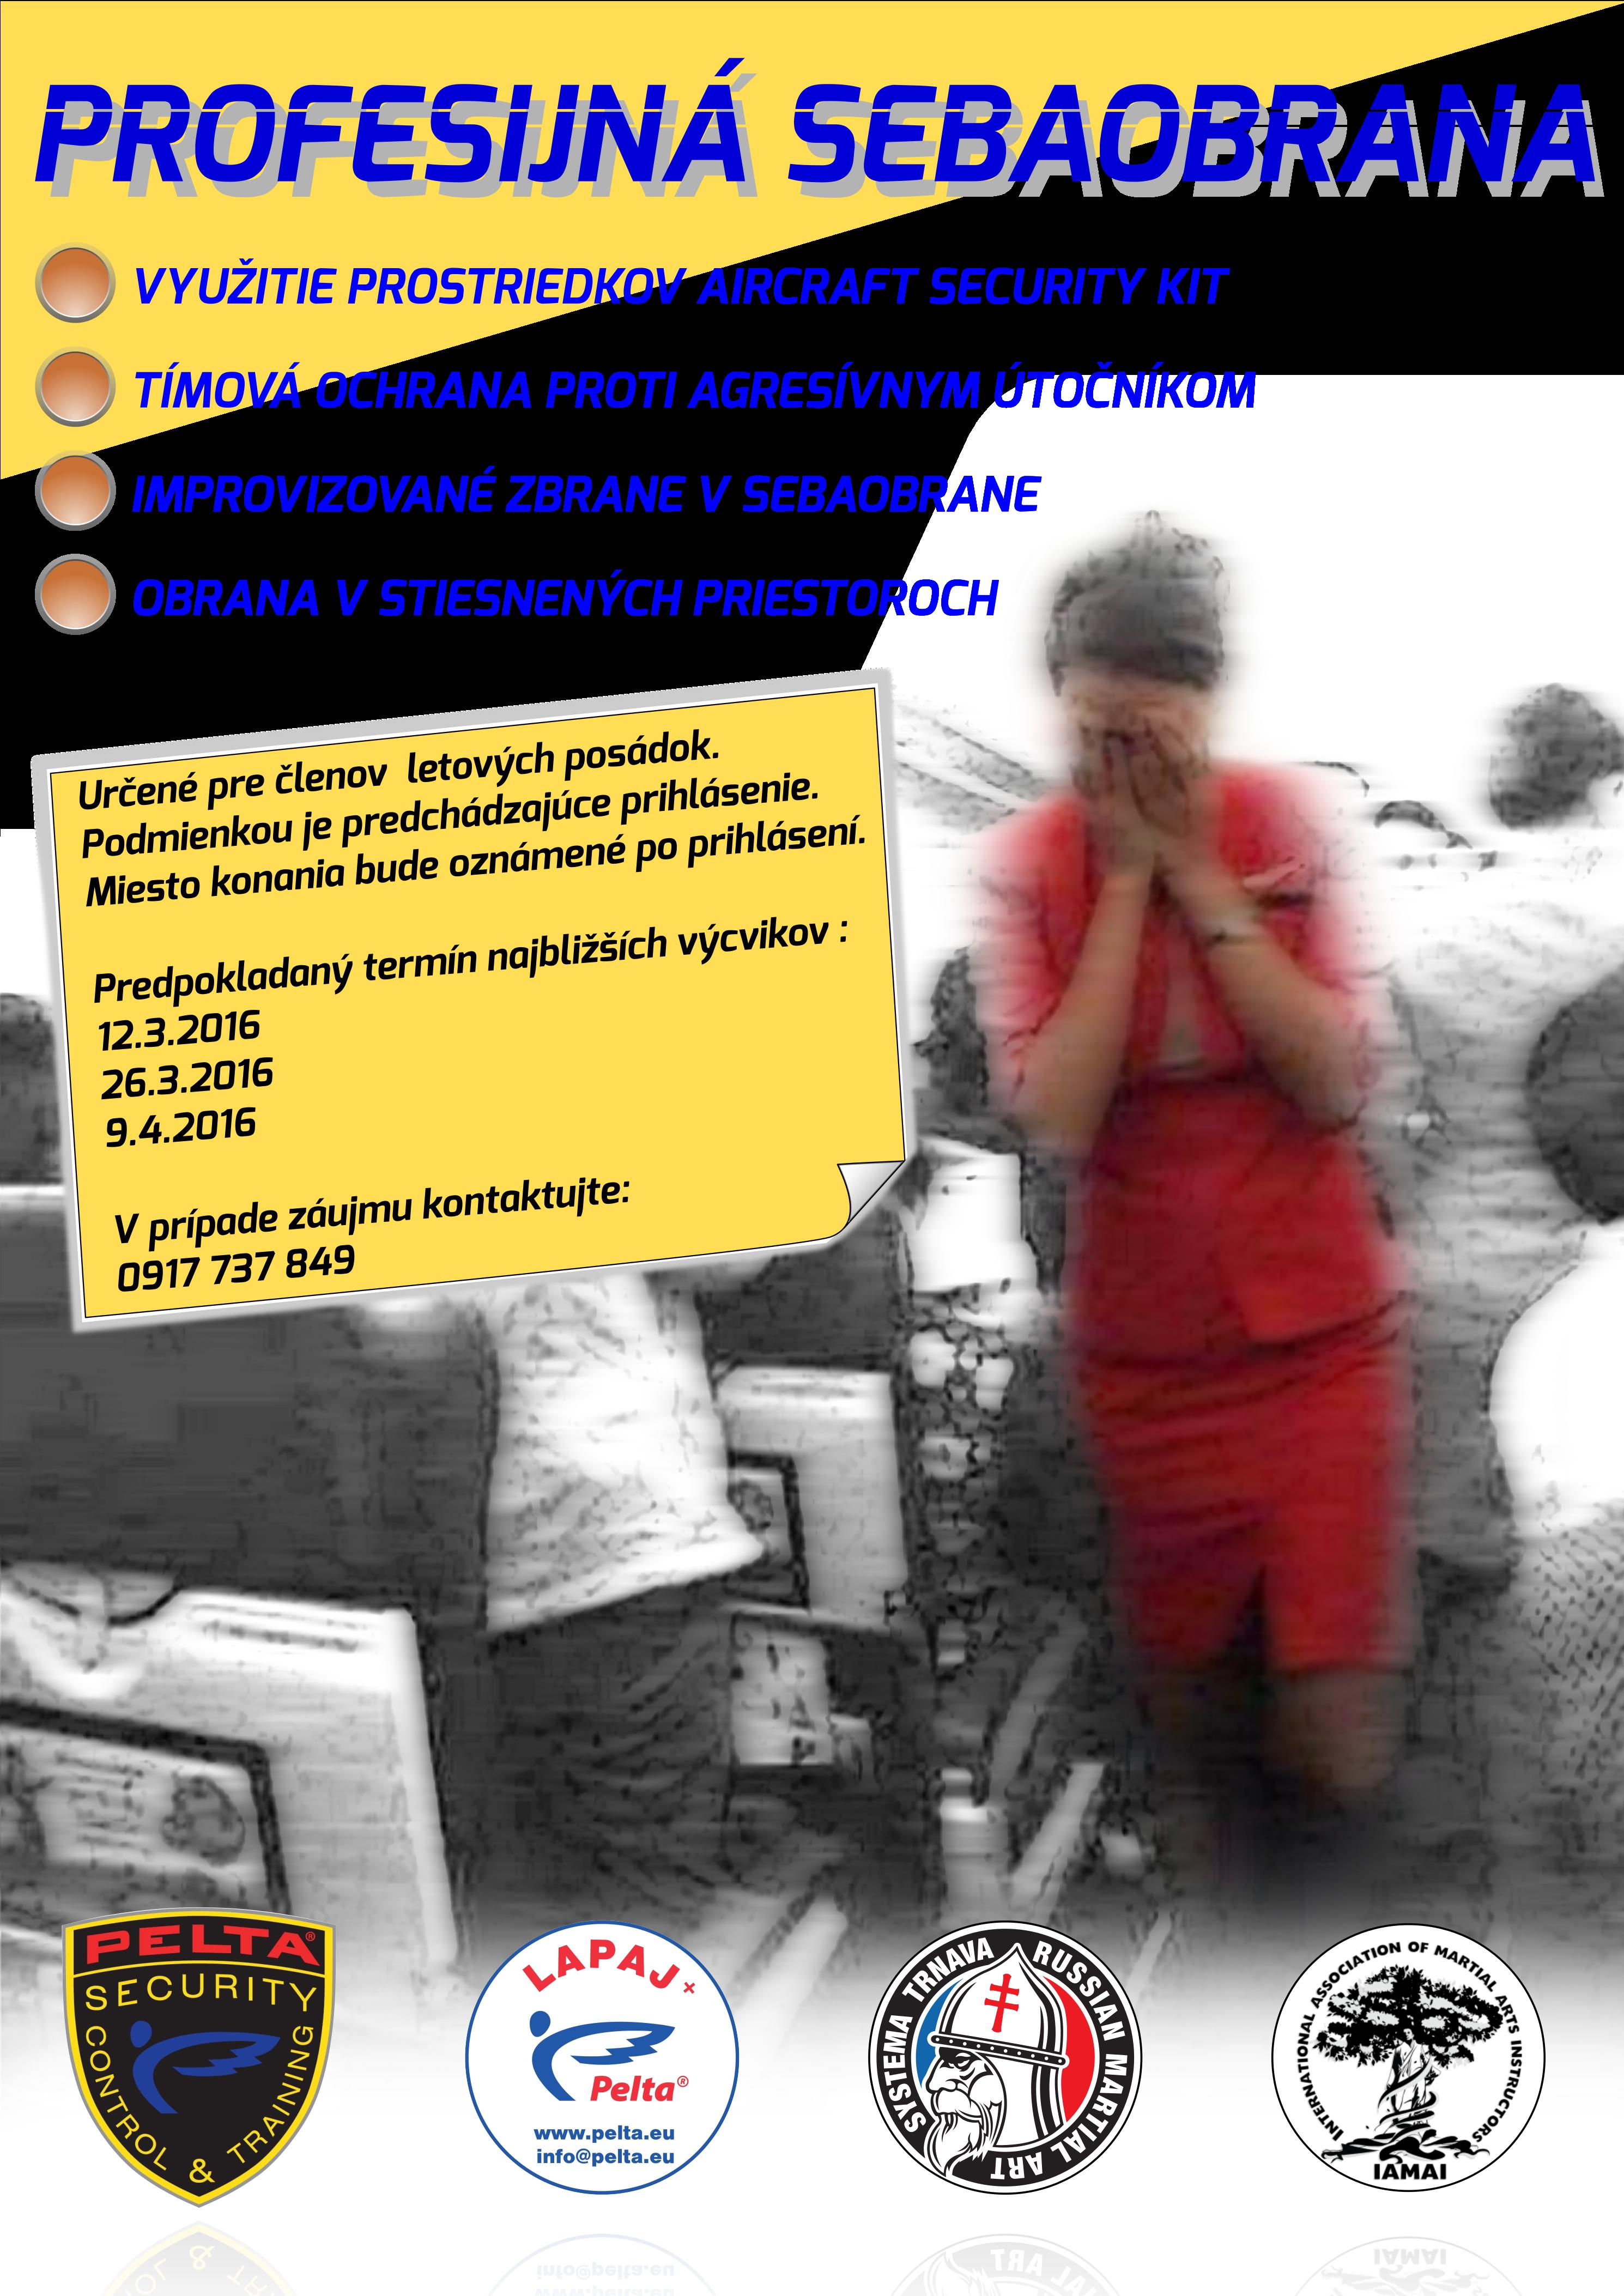 Plagat - PROFESNÁ SEBAOBRANA